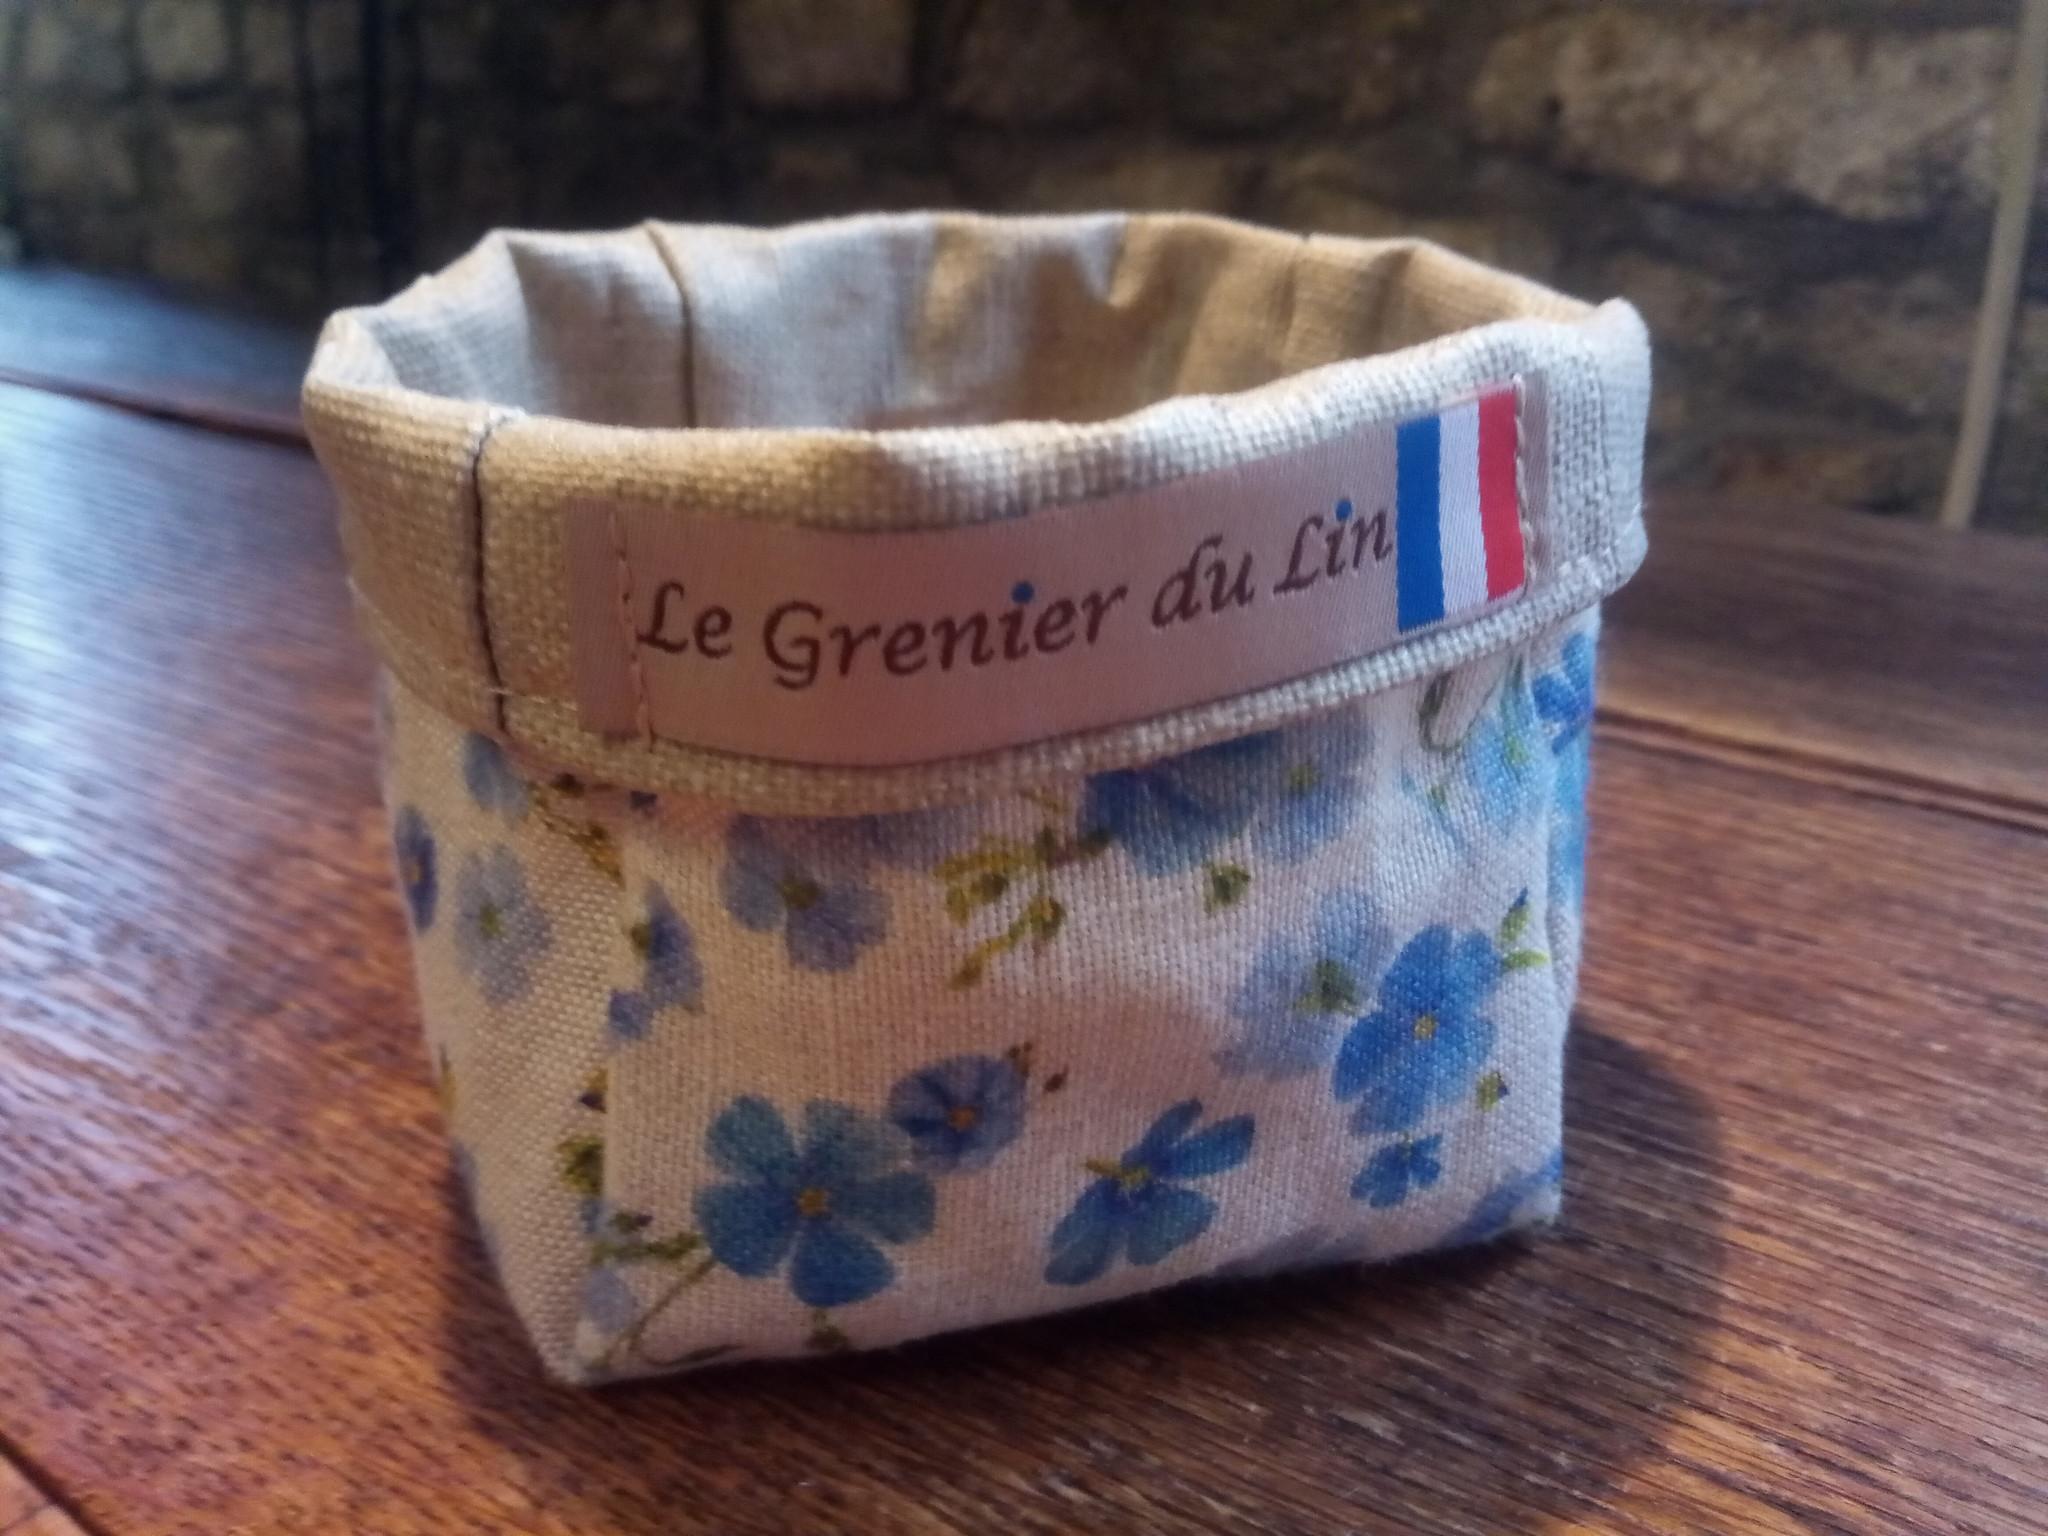 """Le grenier du lin Klein """"linnen bloem"""" zakje"""